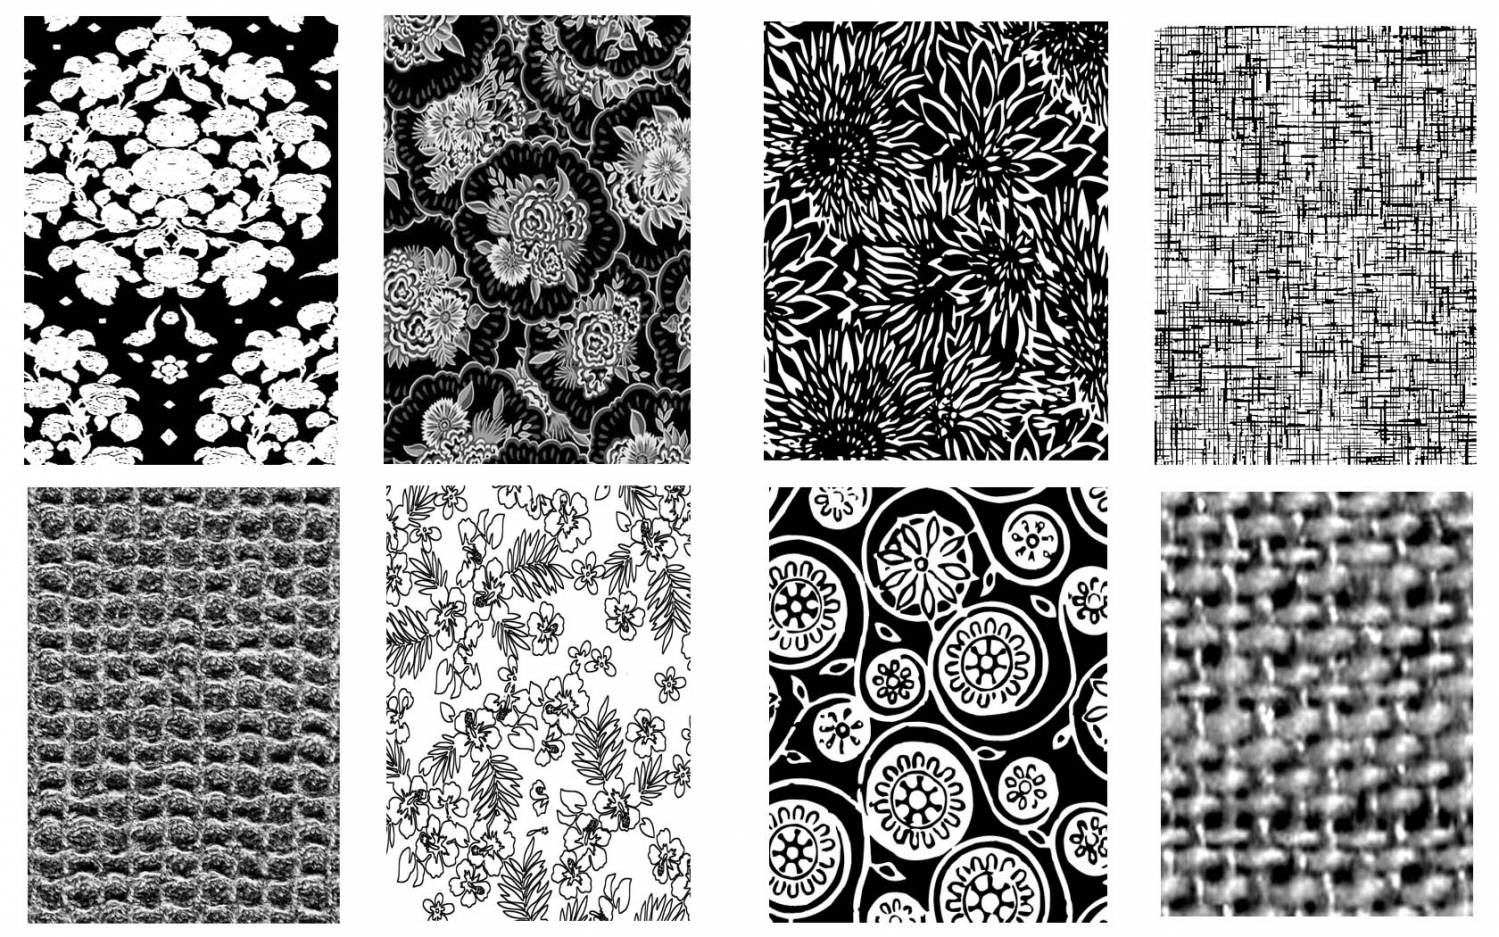 черно белые текстуры: